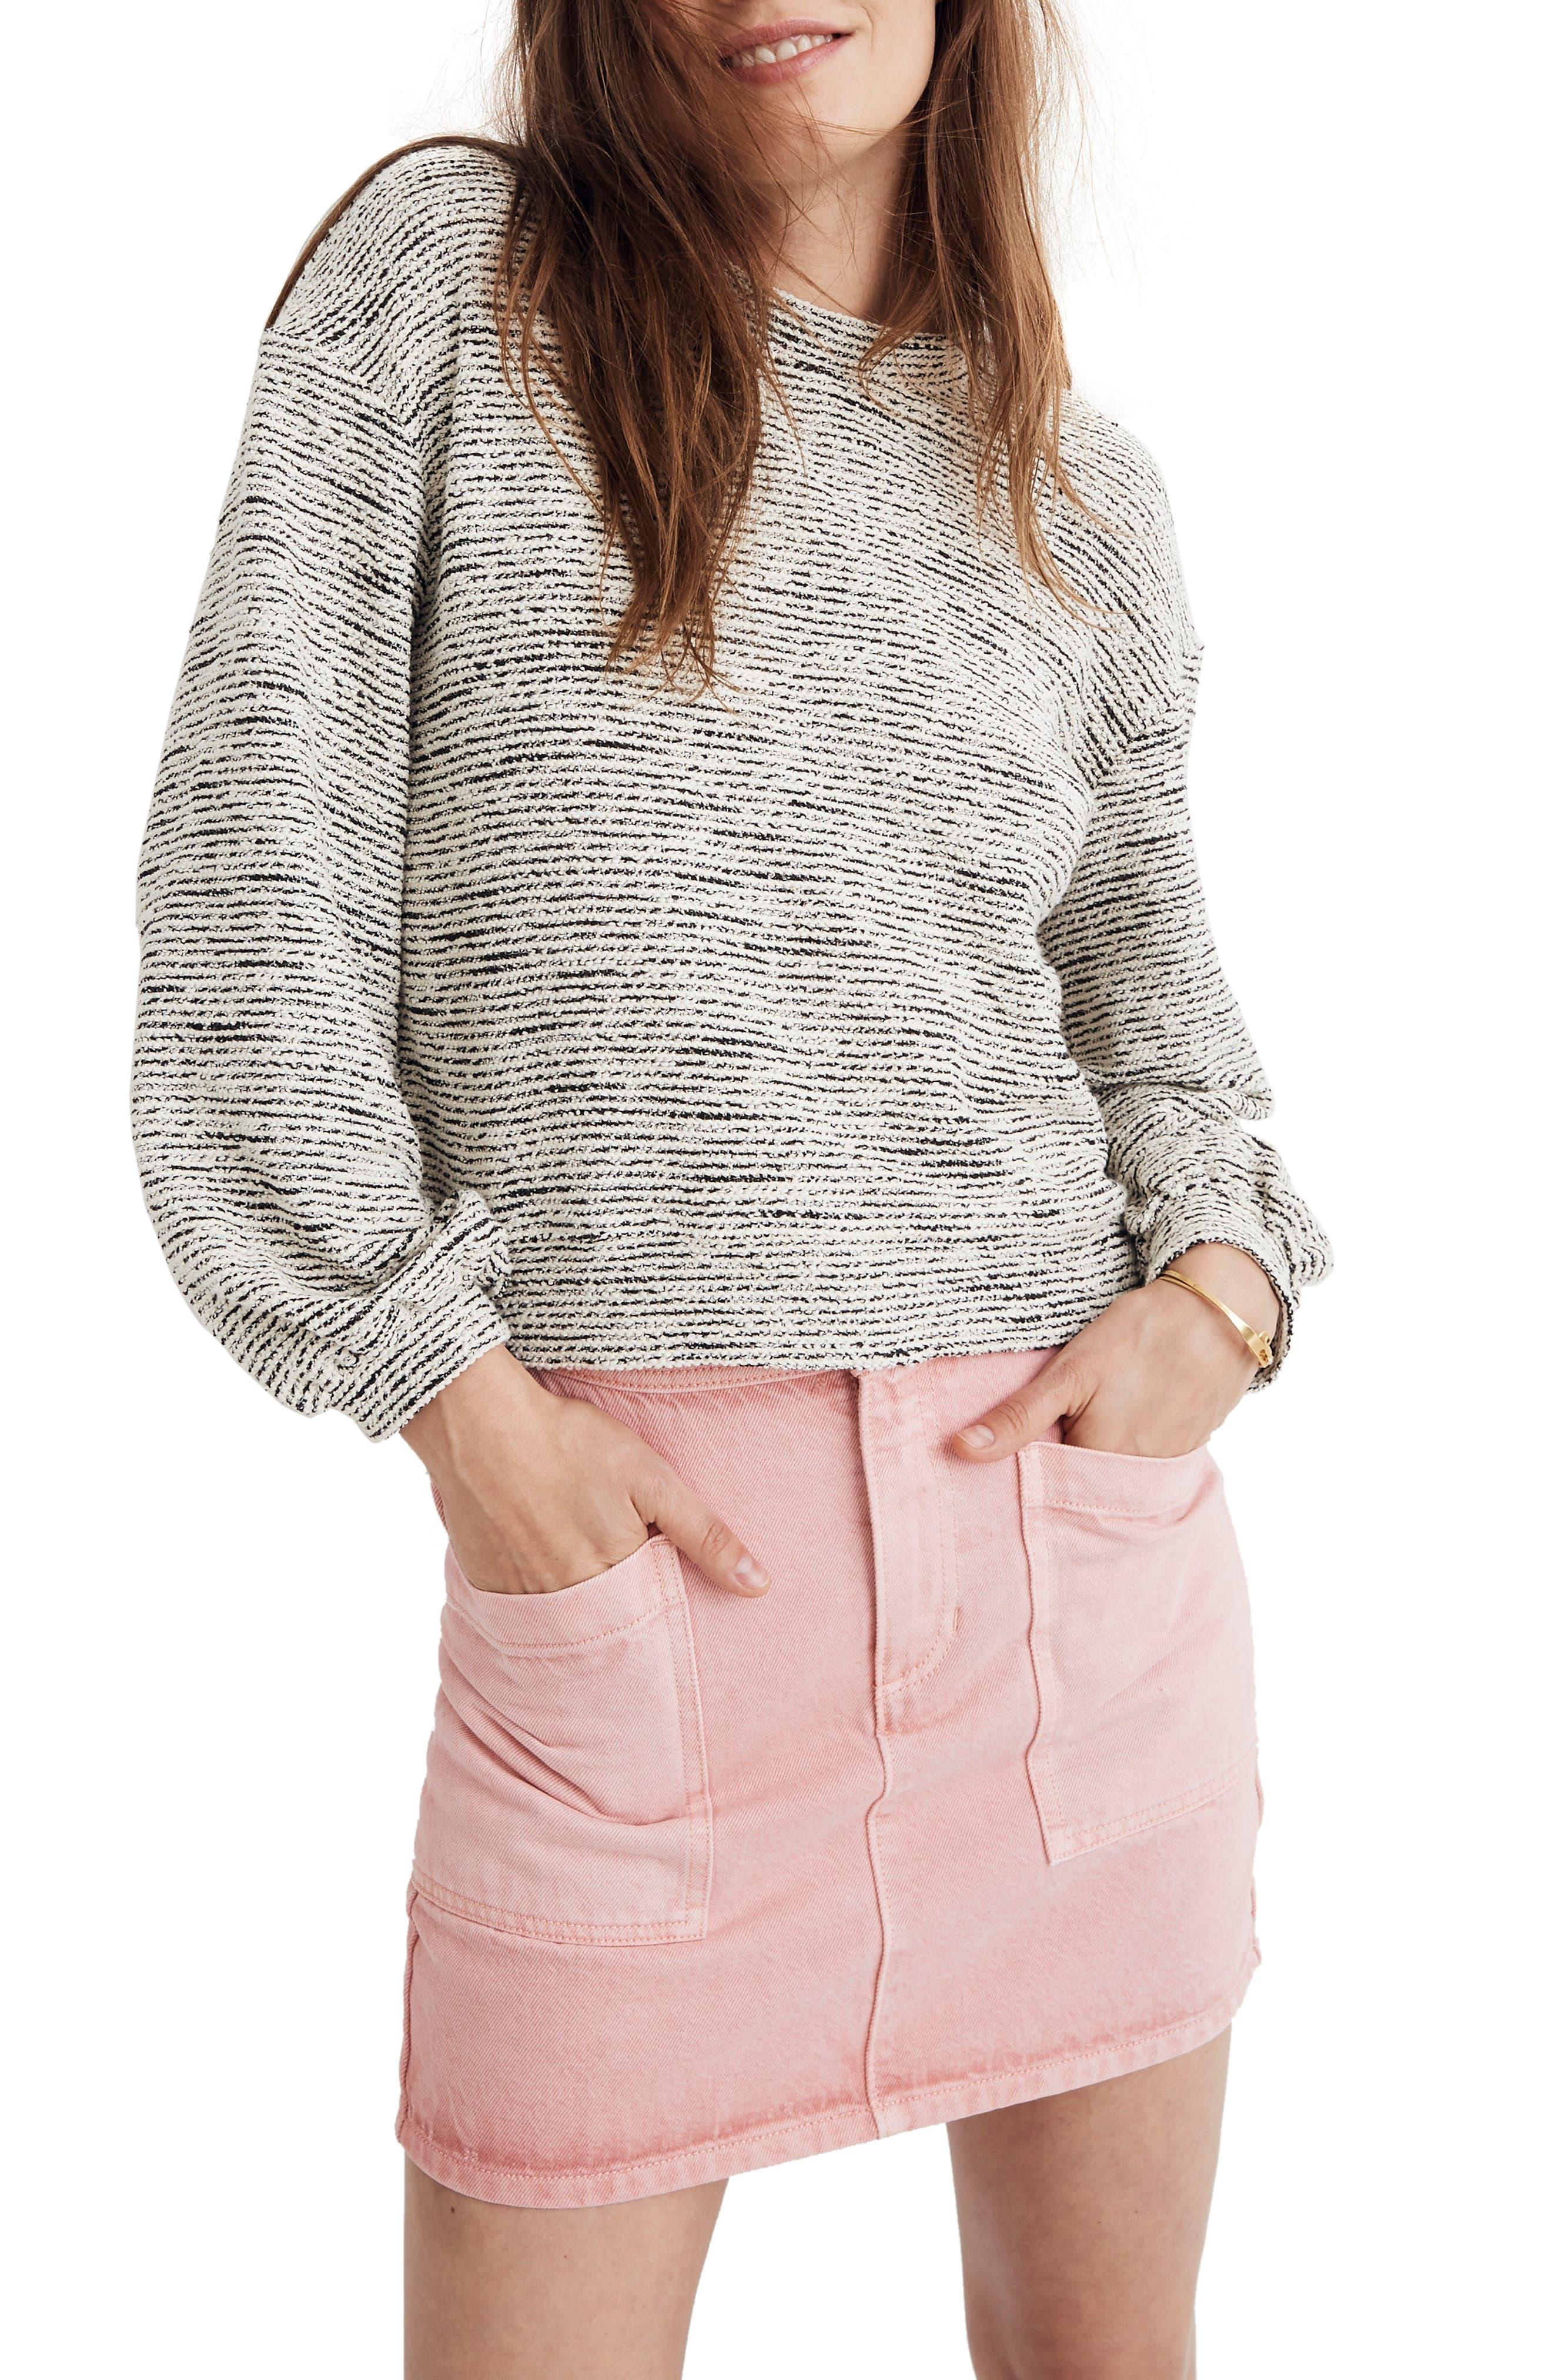 MADEWELL Texture & Thread Bubble Sleeve Sweatshirt, Main, color, HEATHER GREY